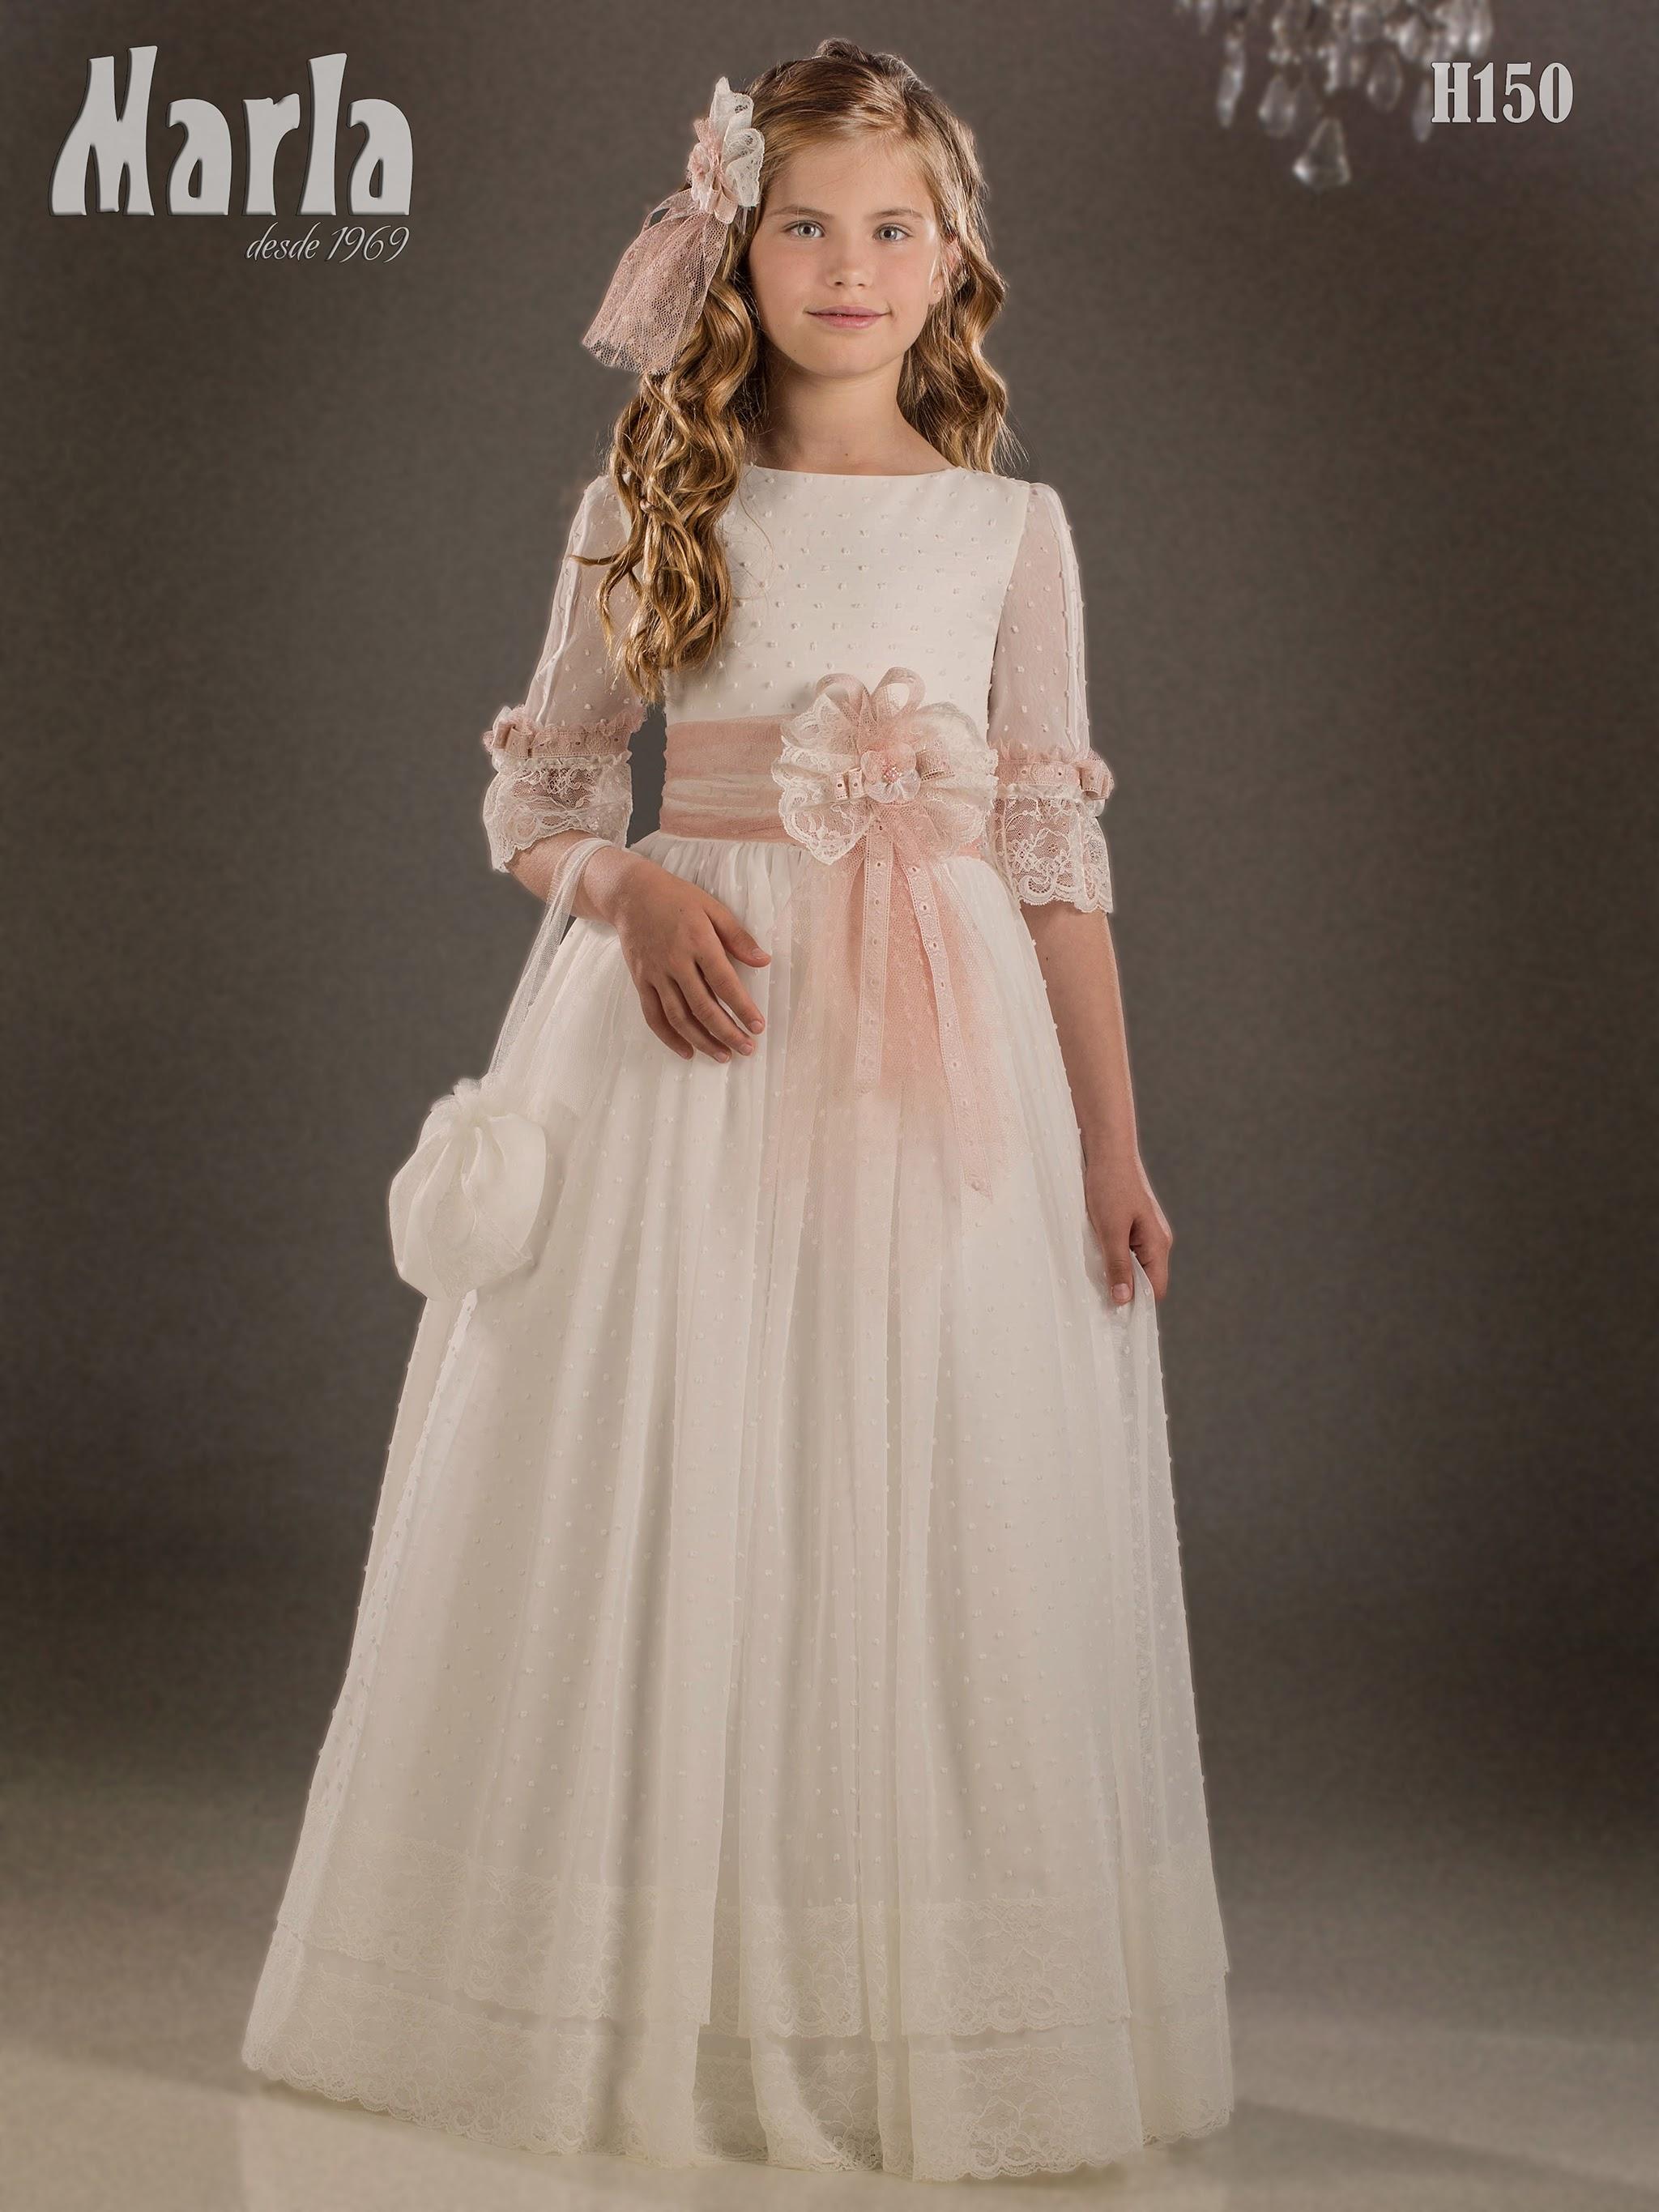 Precio vestidos de comunion marla